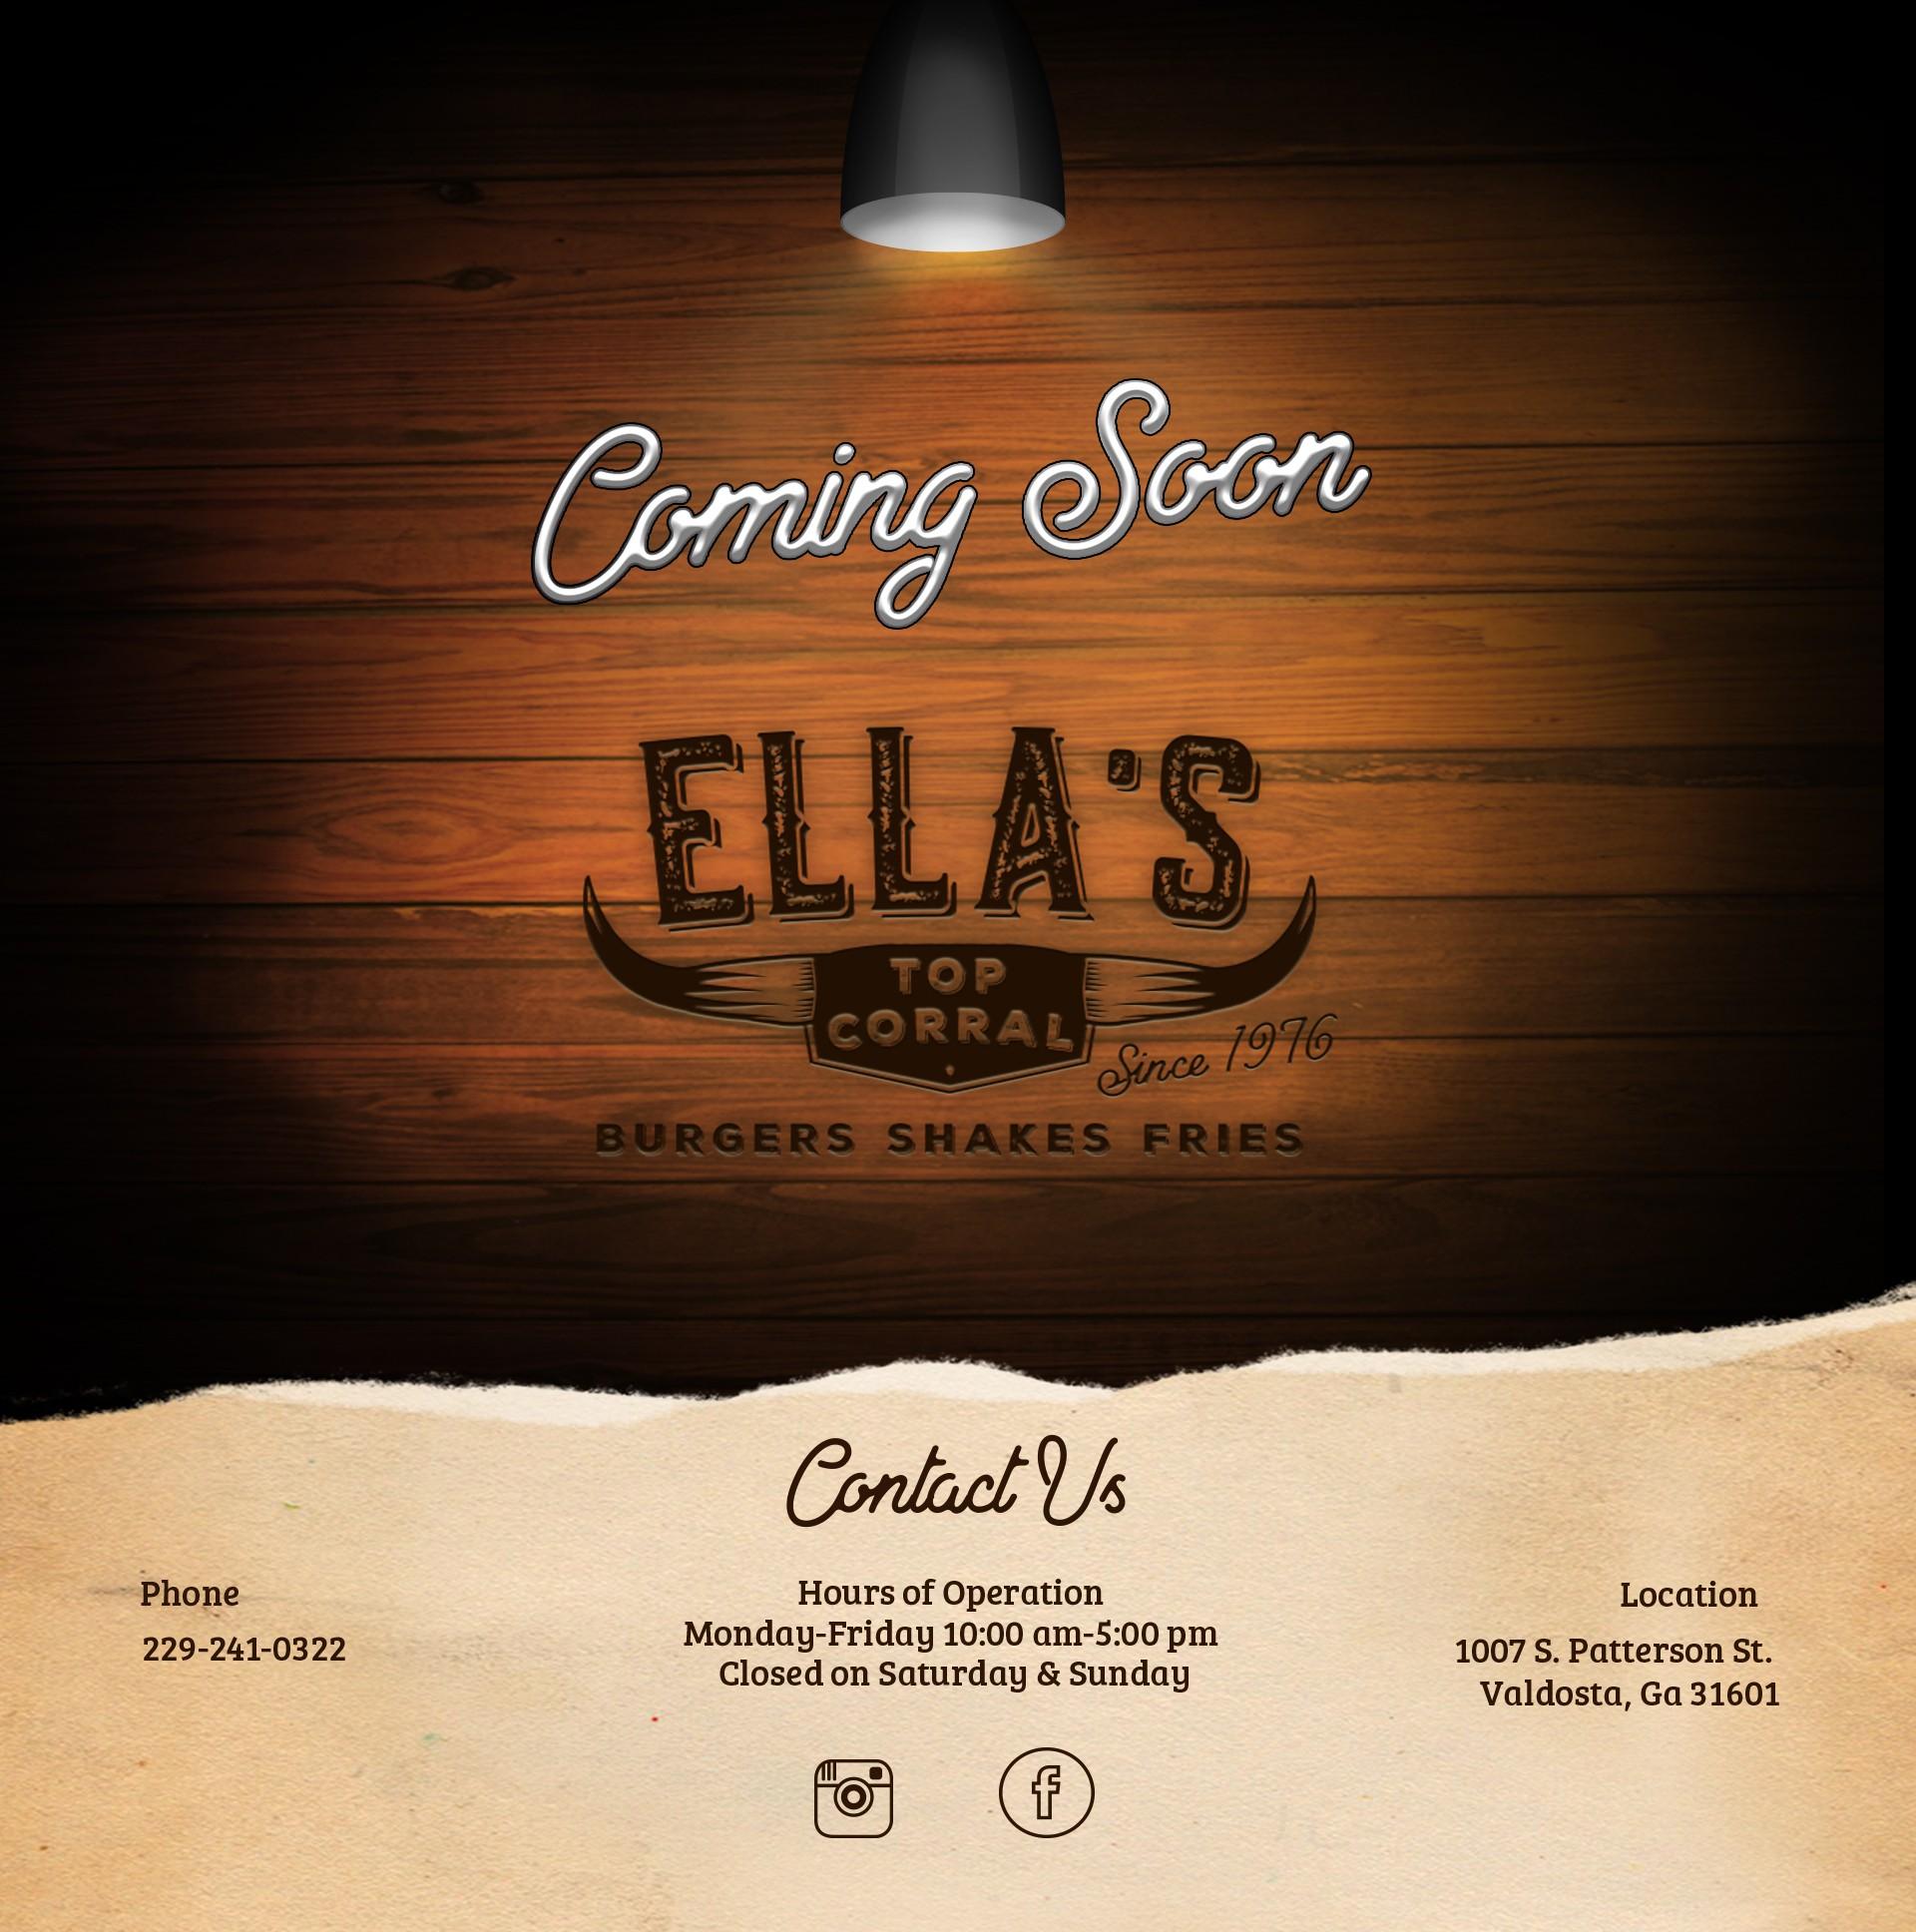 ellastopcorral.com coming soon